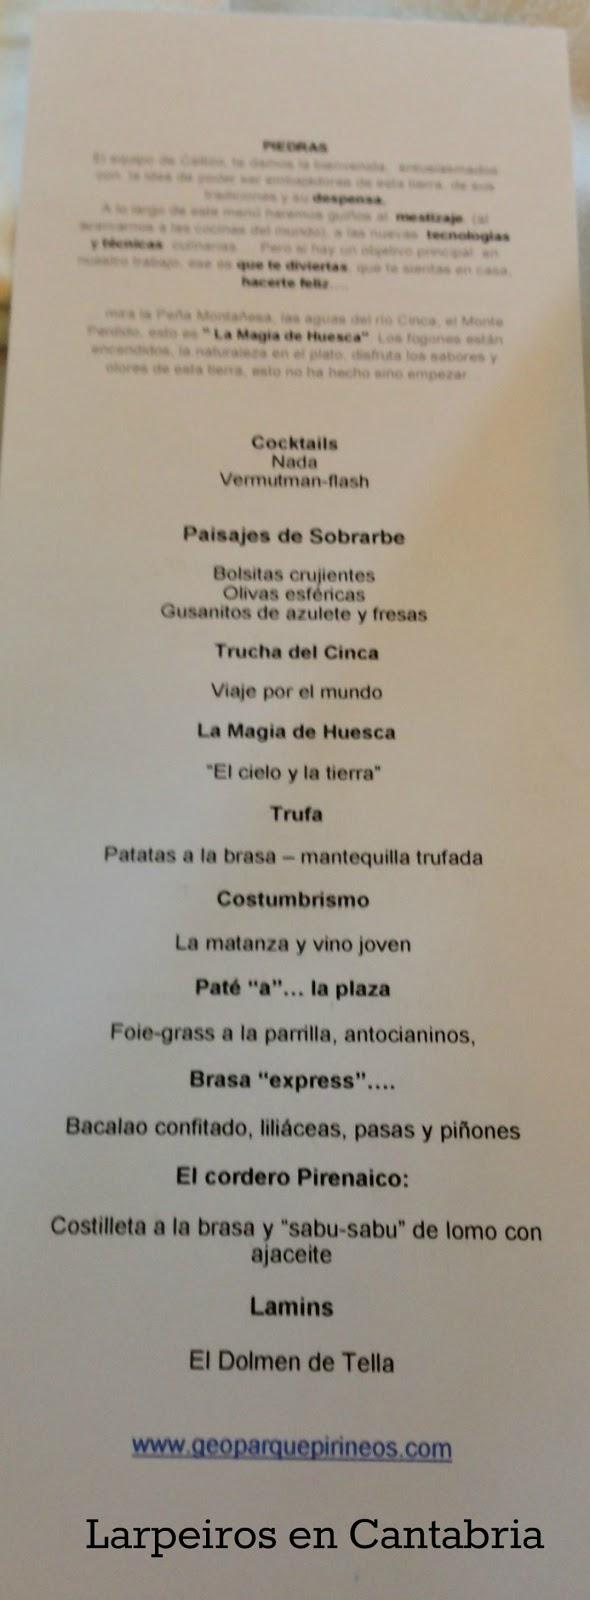 Restaurante callizo larpeiros en cantabria - Menu degustacion casa juan ...